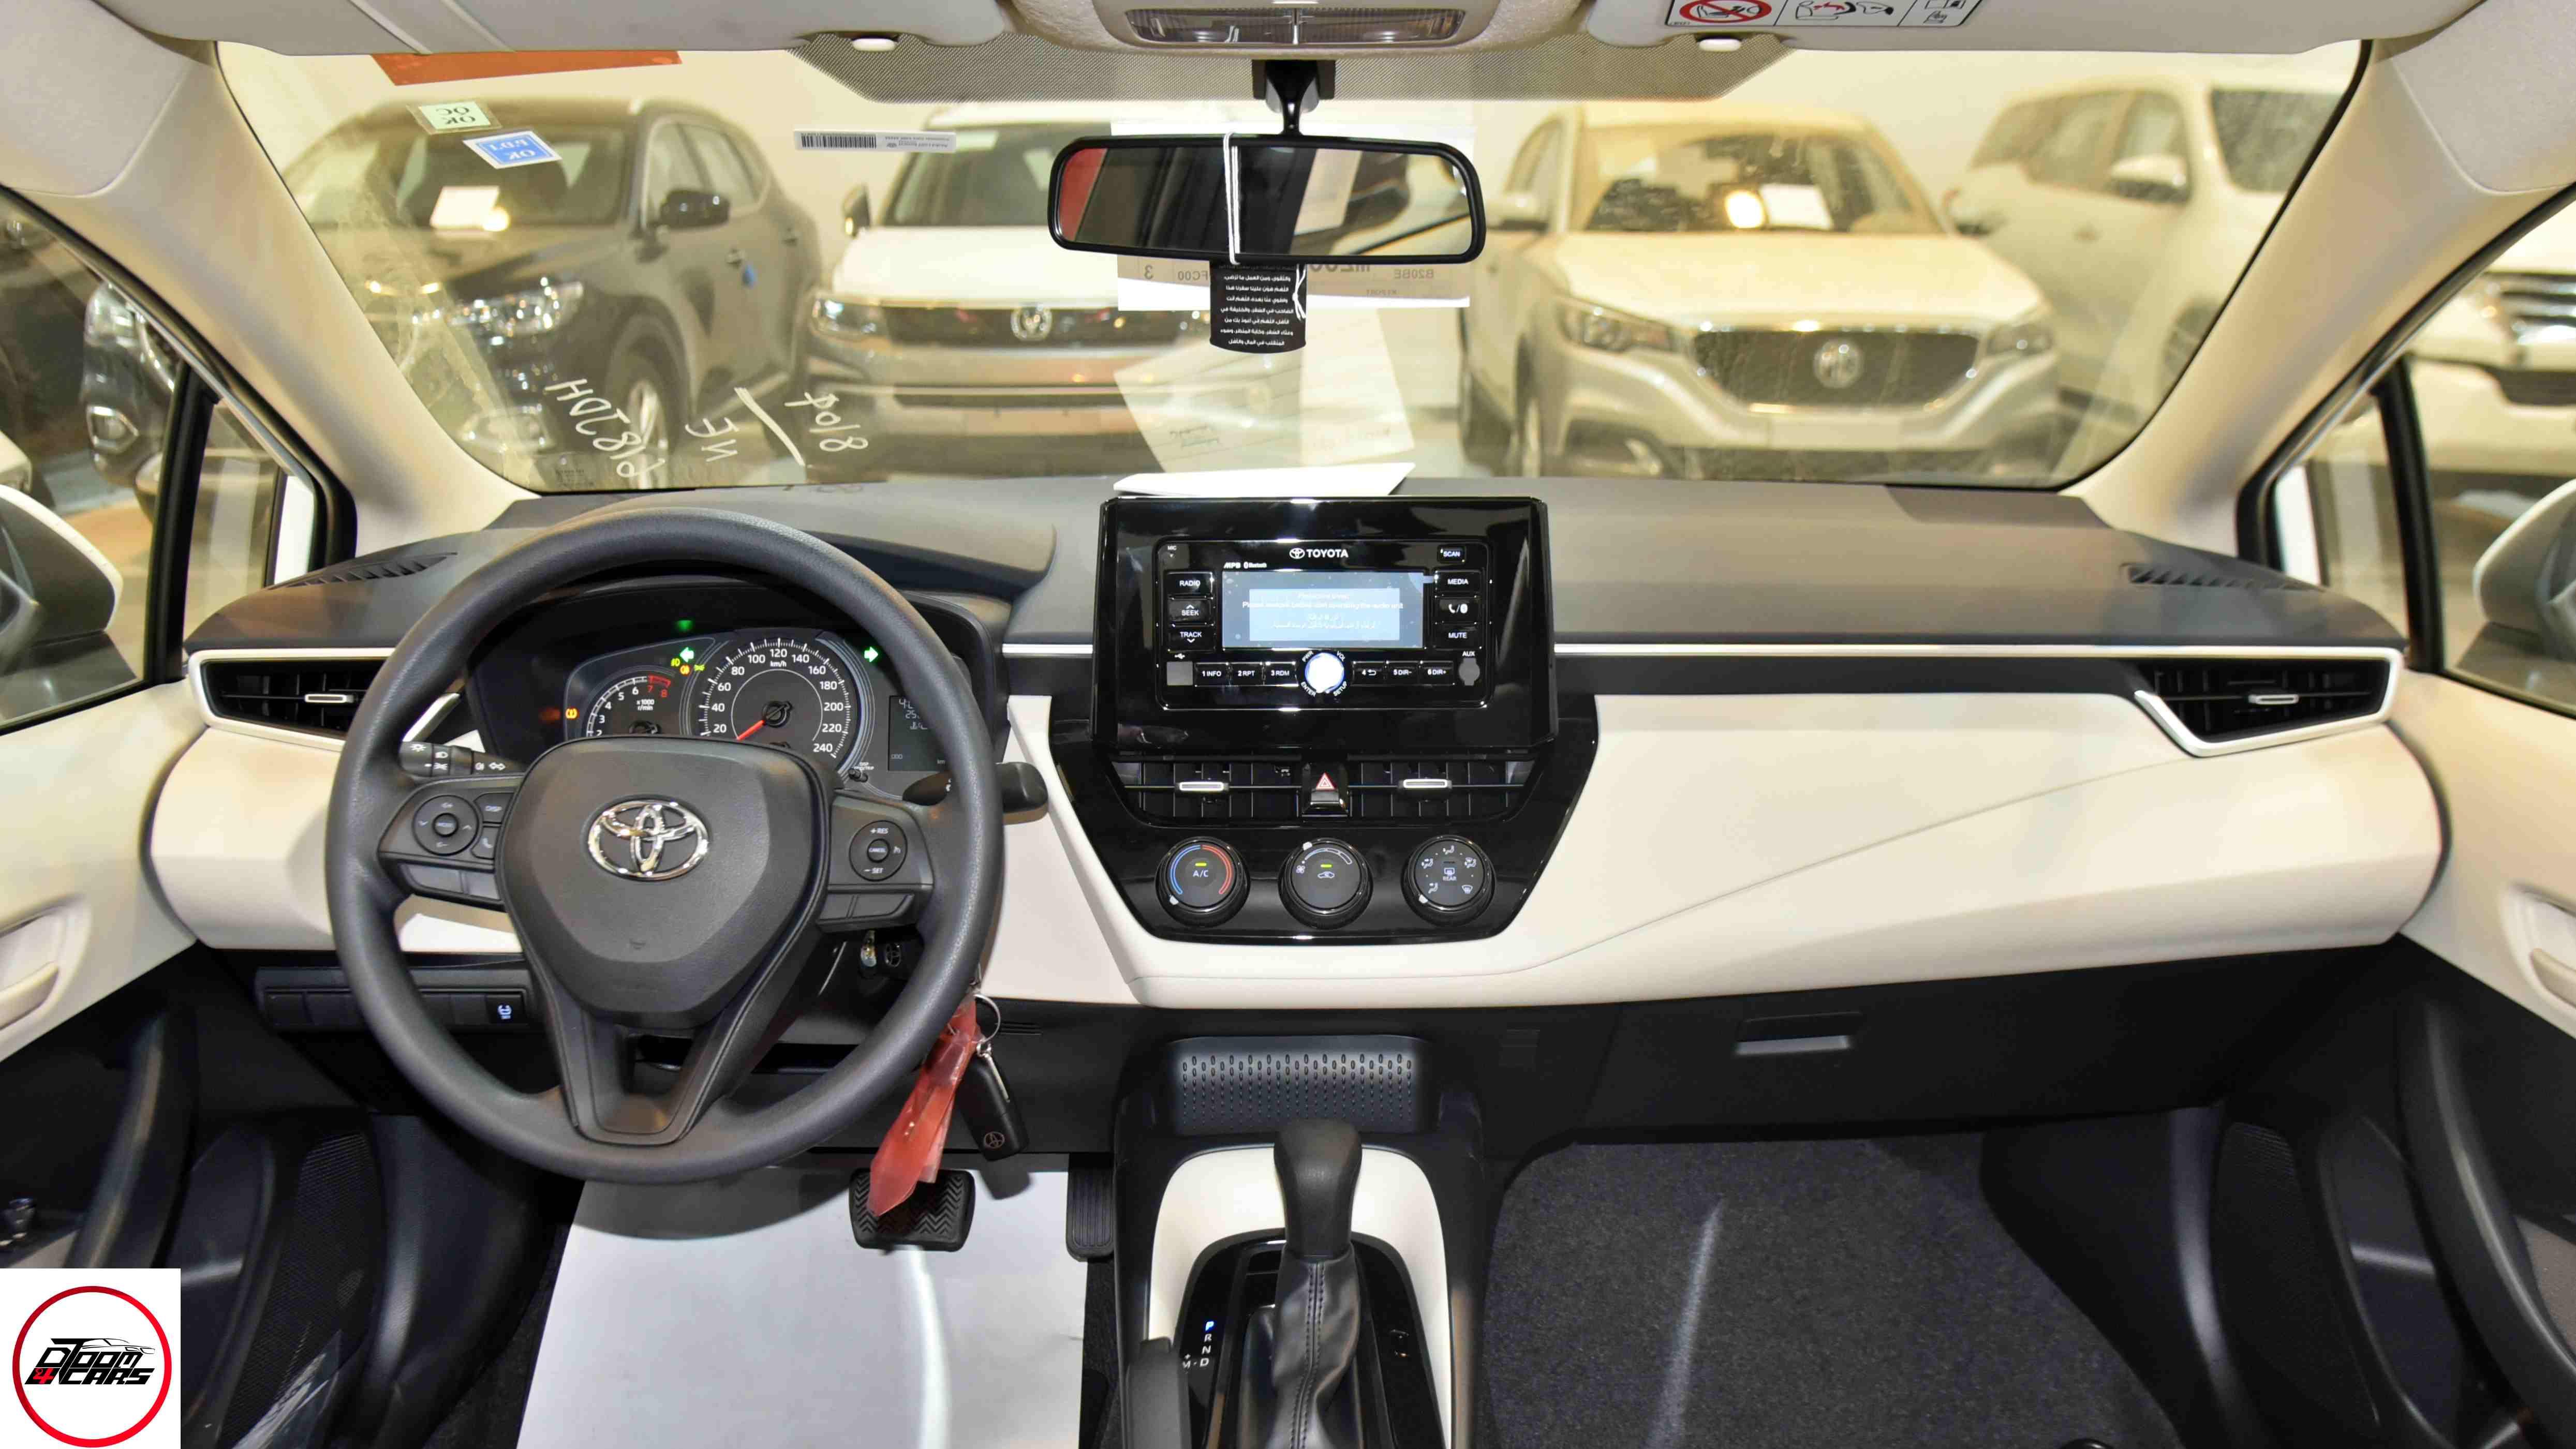 تويوتا كورولا 2021 ستاندر  XLi سعودي جديد للبيع في الرياض - السعودية - صورة كبيرة - 12